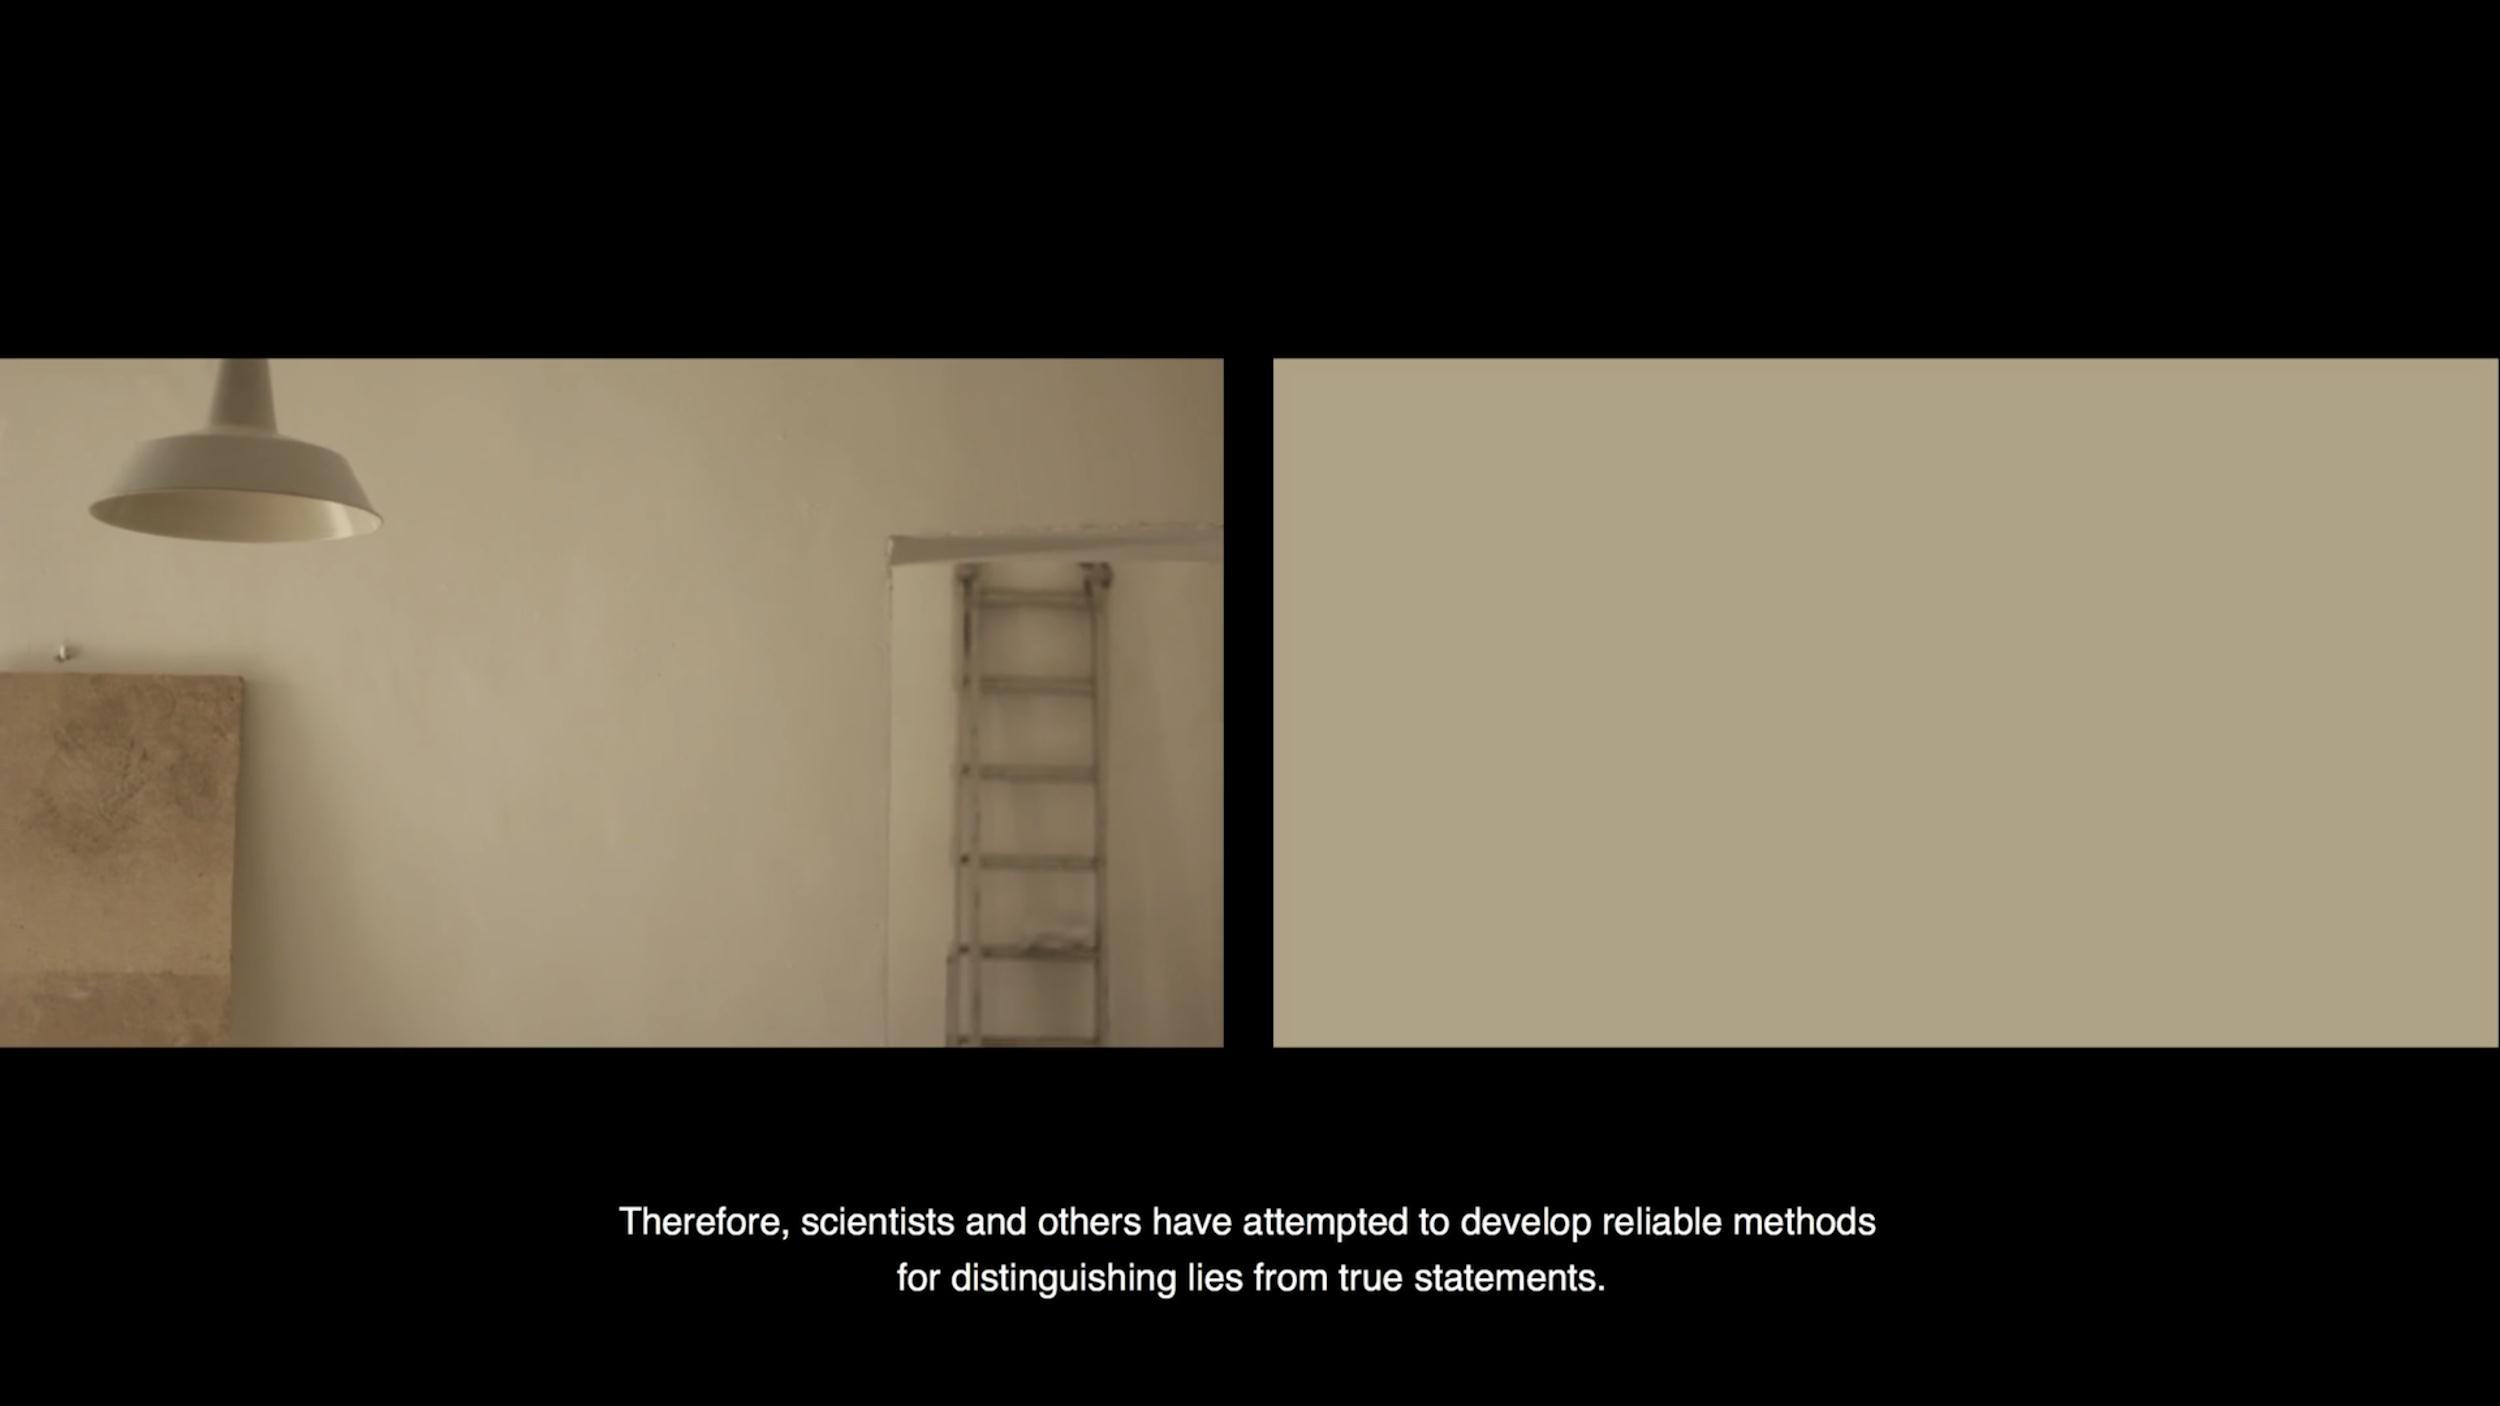 proyector_videoarte2018_Undiscovered_lie_ceciliaceccherini_chiaraiacovone